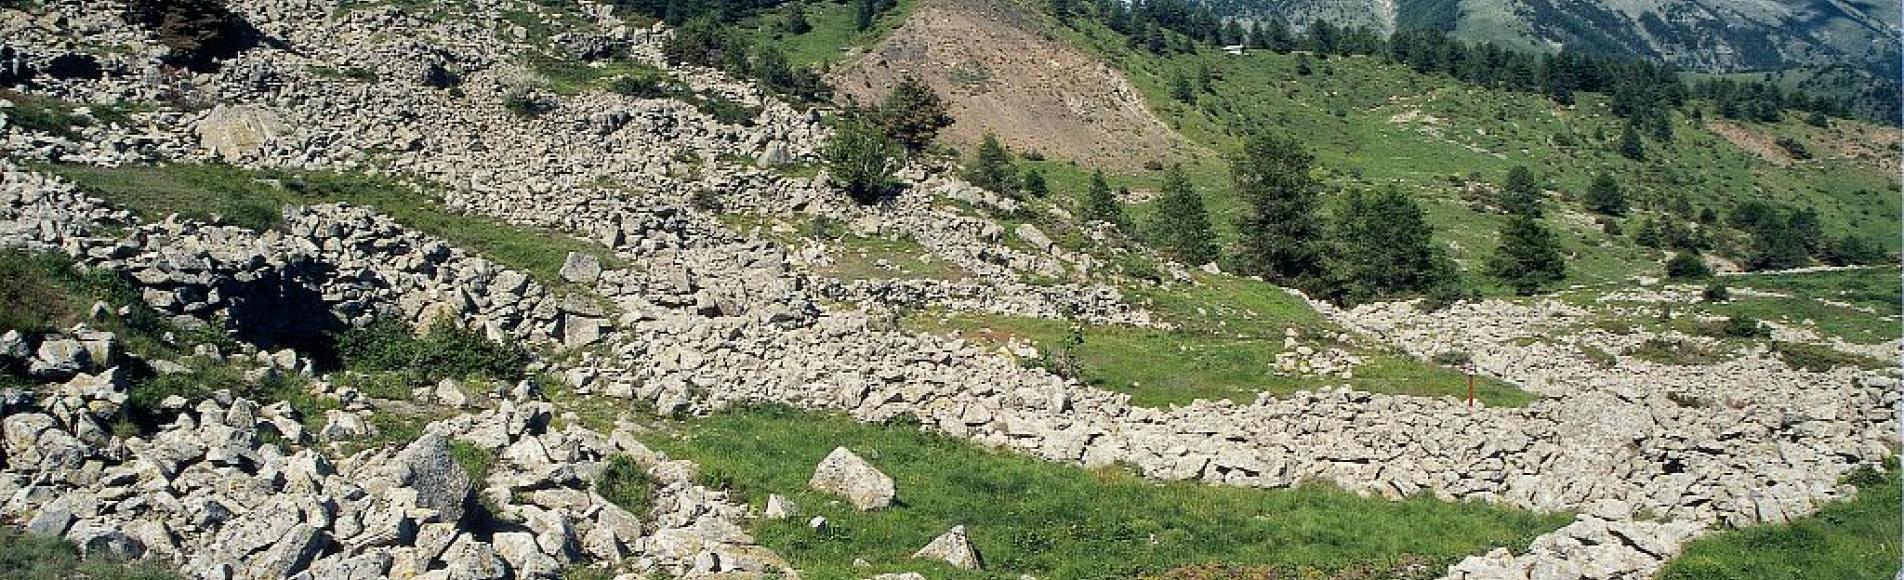 Faudon - les murets et les clapiers d'épierrement ©Marc Corail - Parc national des Ecrins